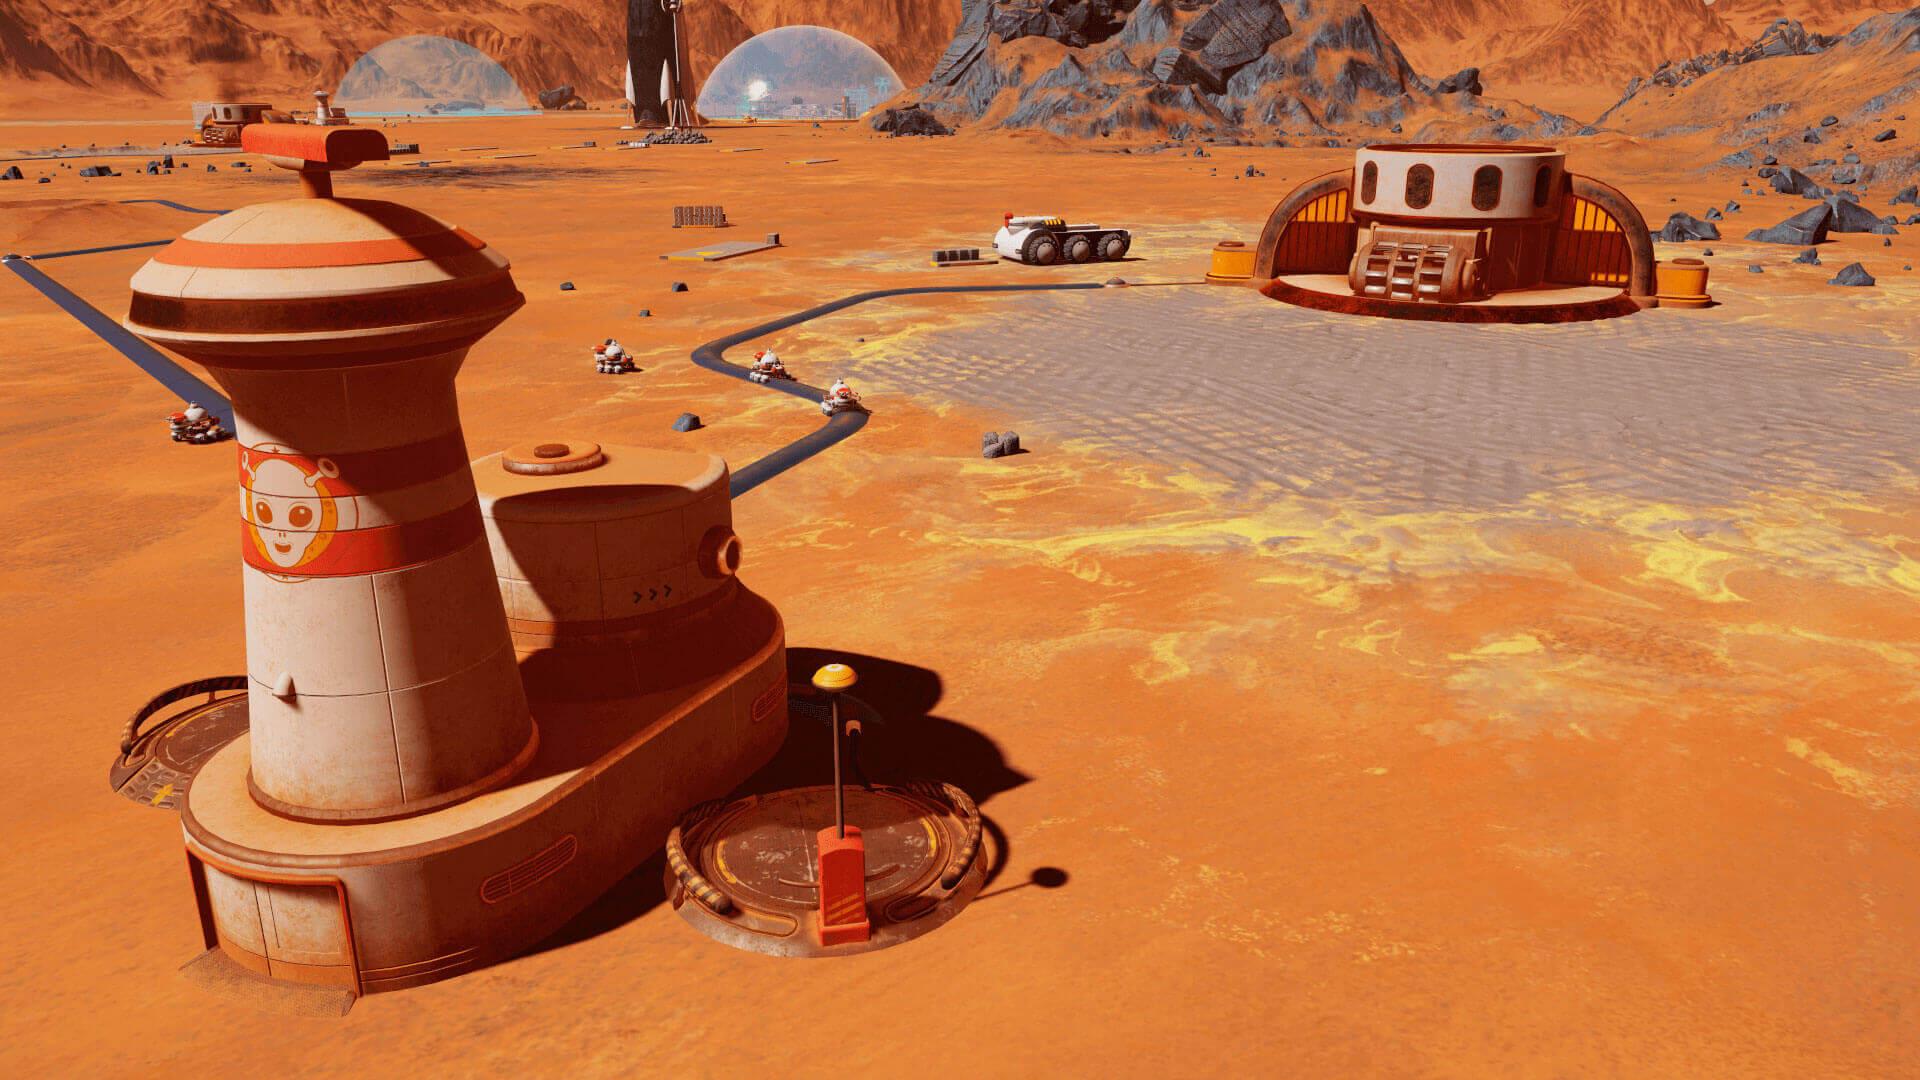 Estación de drones con necesidad de mantenimiento - Surviving Mars